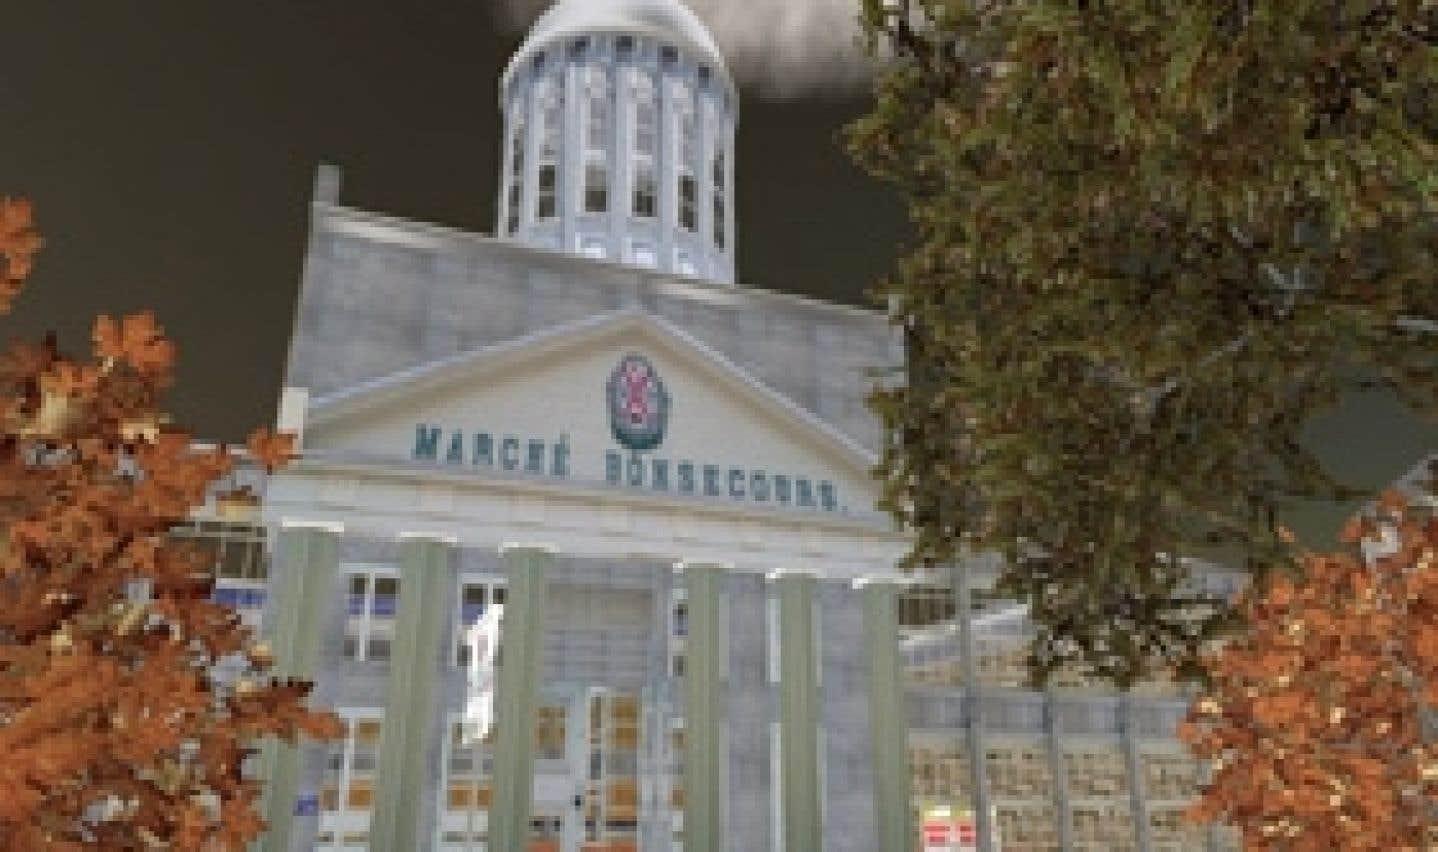 Le Devoir dans Second Life - Bienvenue à l'Île Québec!